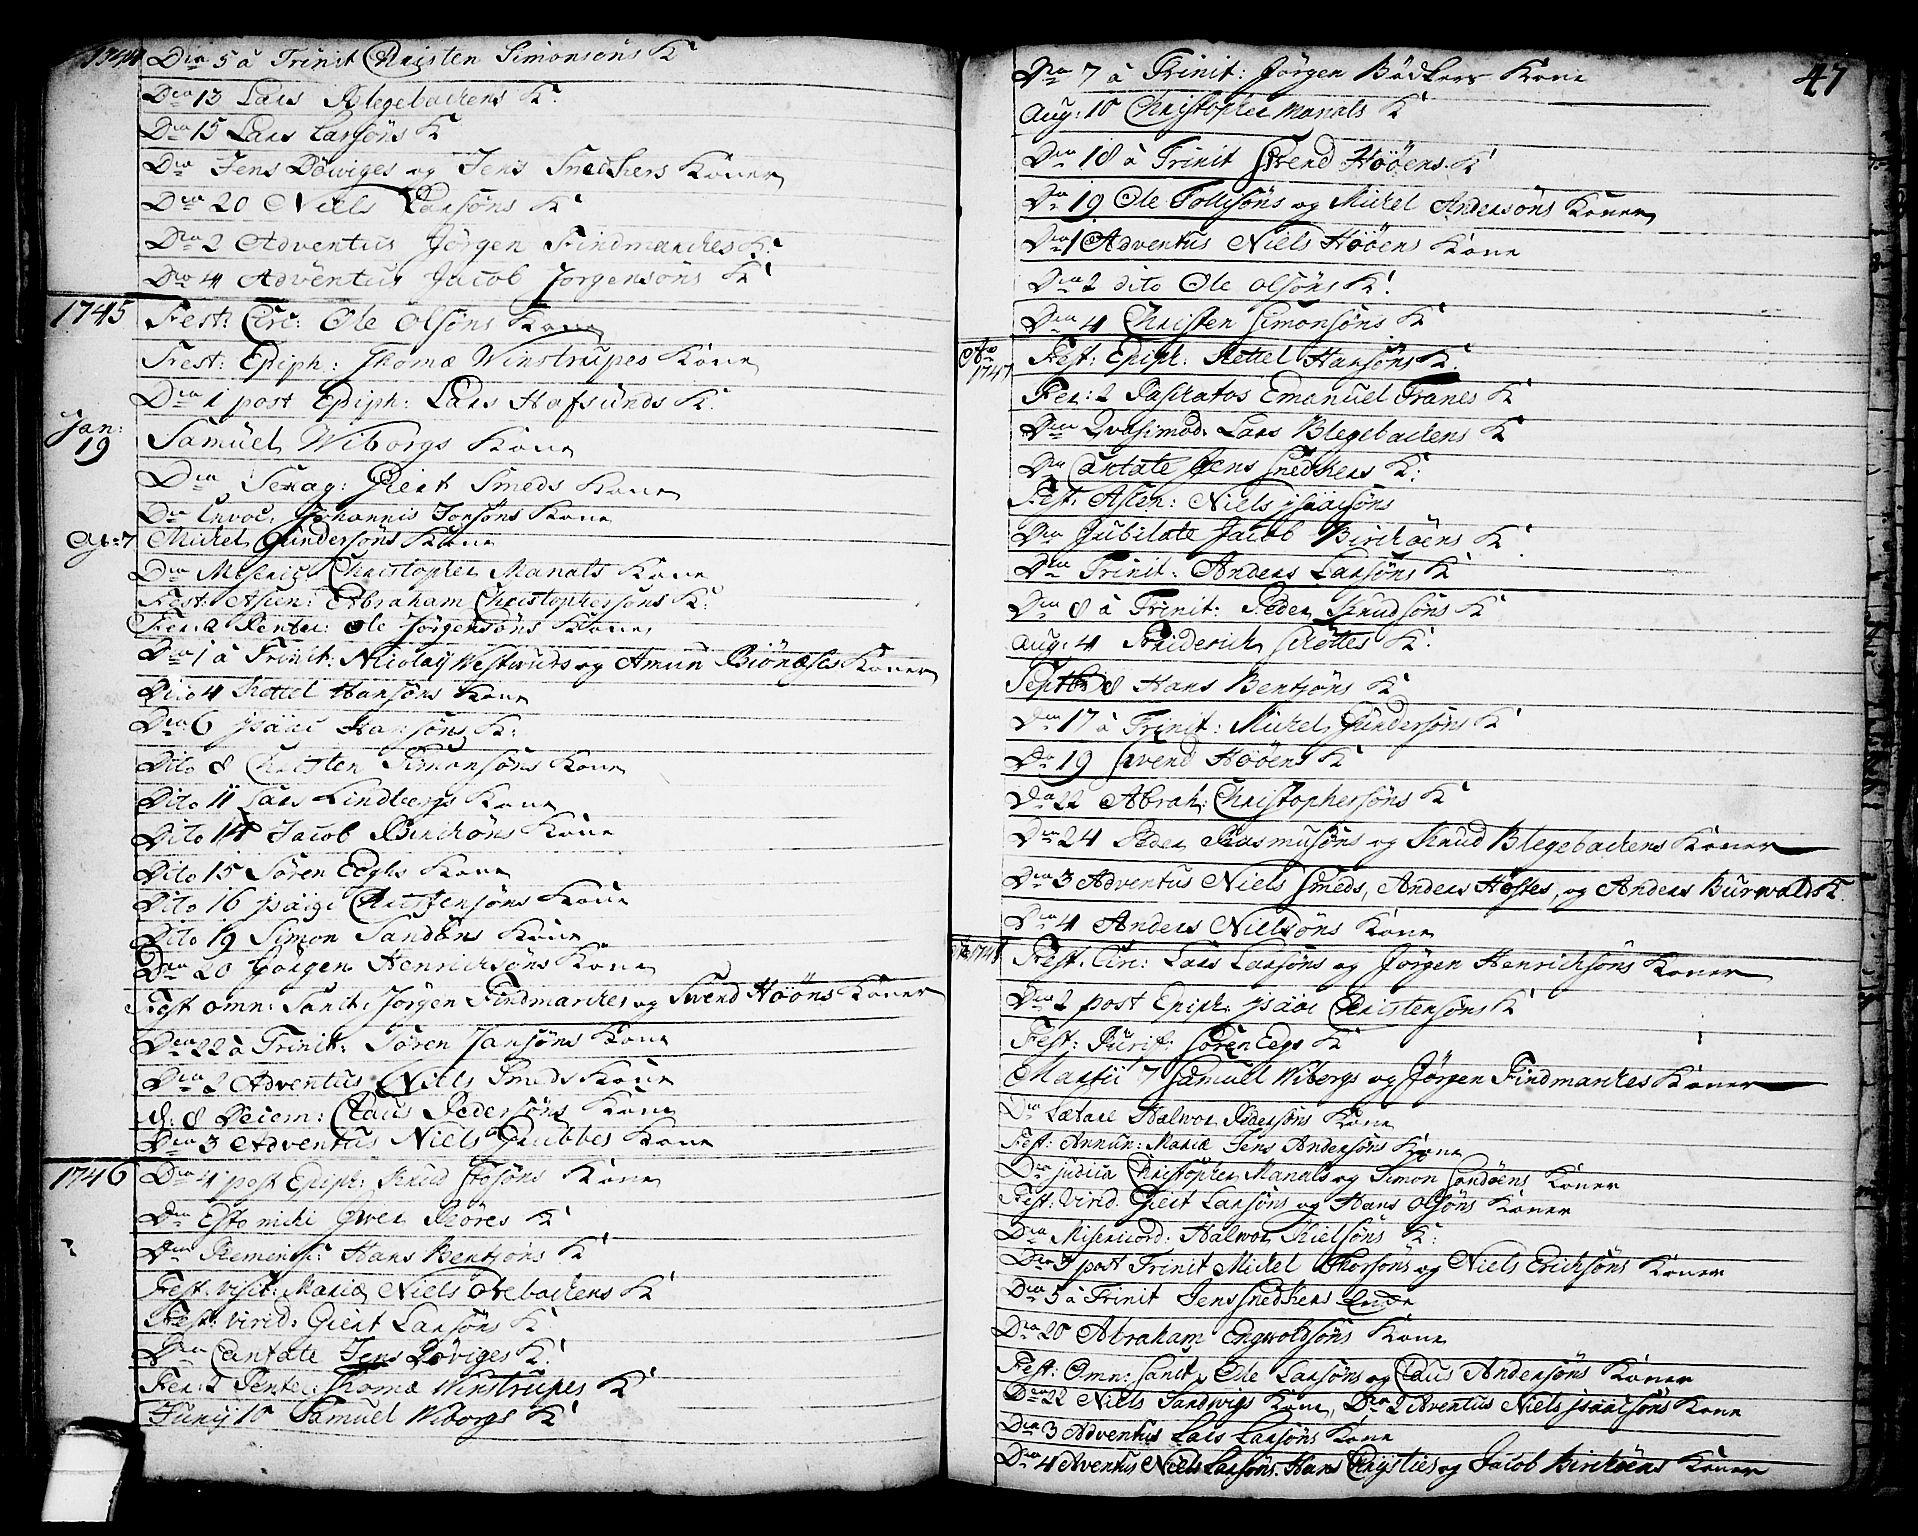 SAKO, Brevik kirkebøker, F/Fa/L0002: Ministerialbok nr. 2, 1720-1764, s. 47a